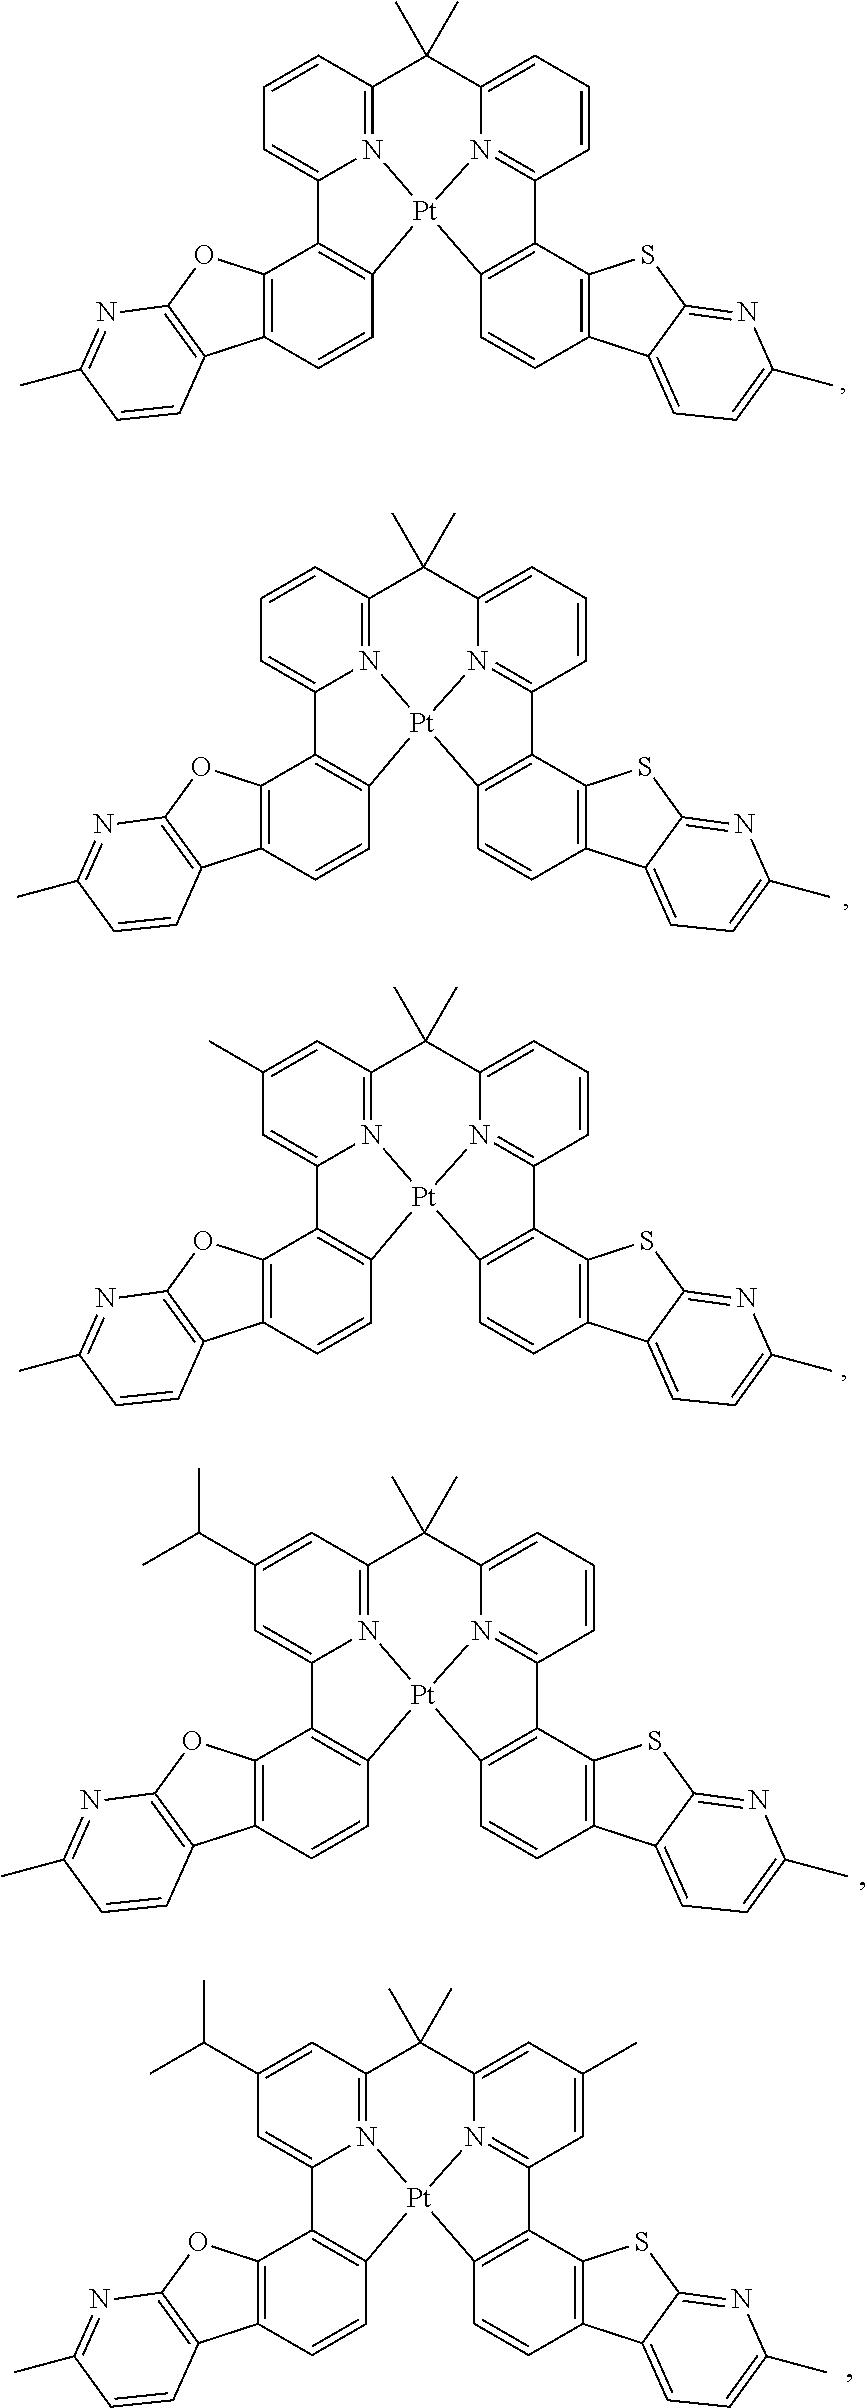 Figure US09871214-20180116-C00275